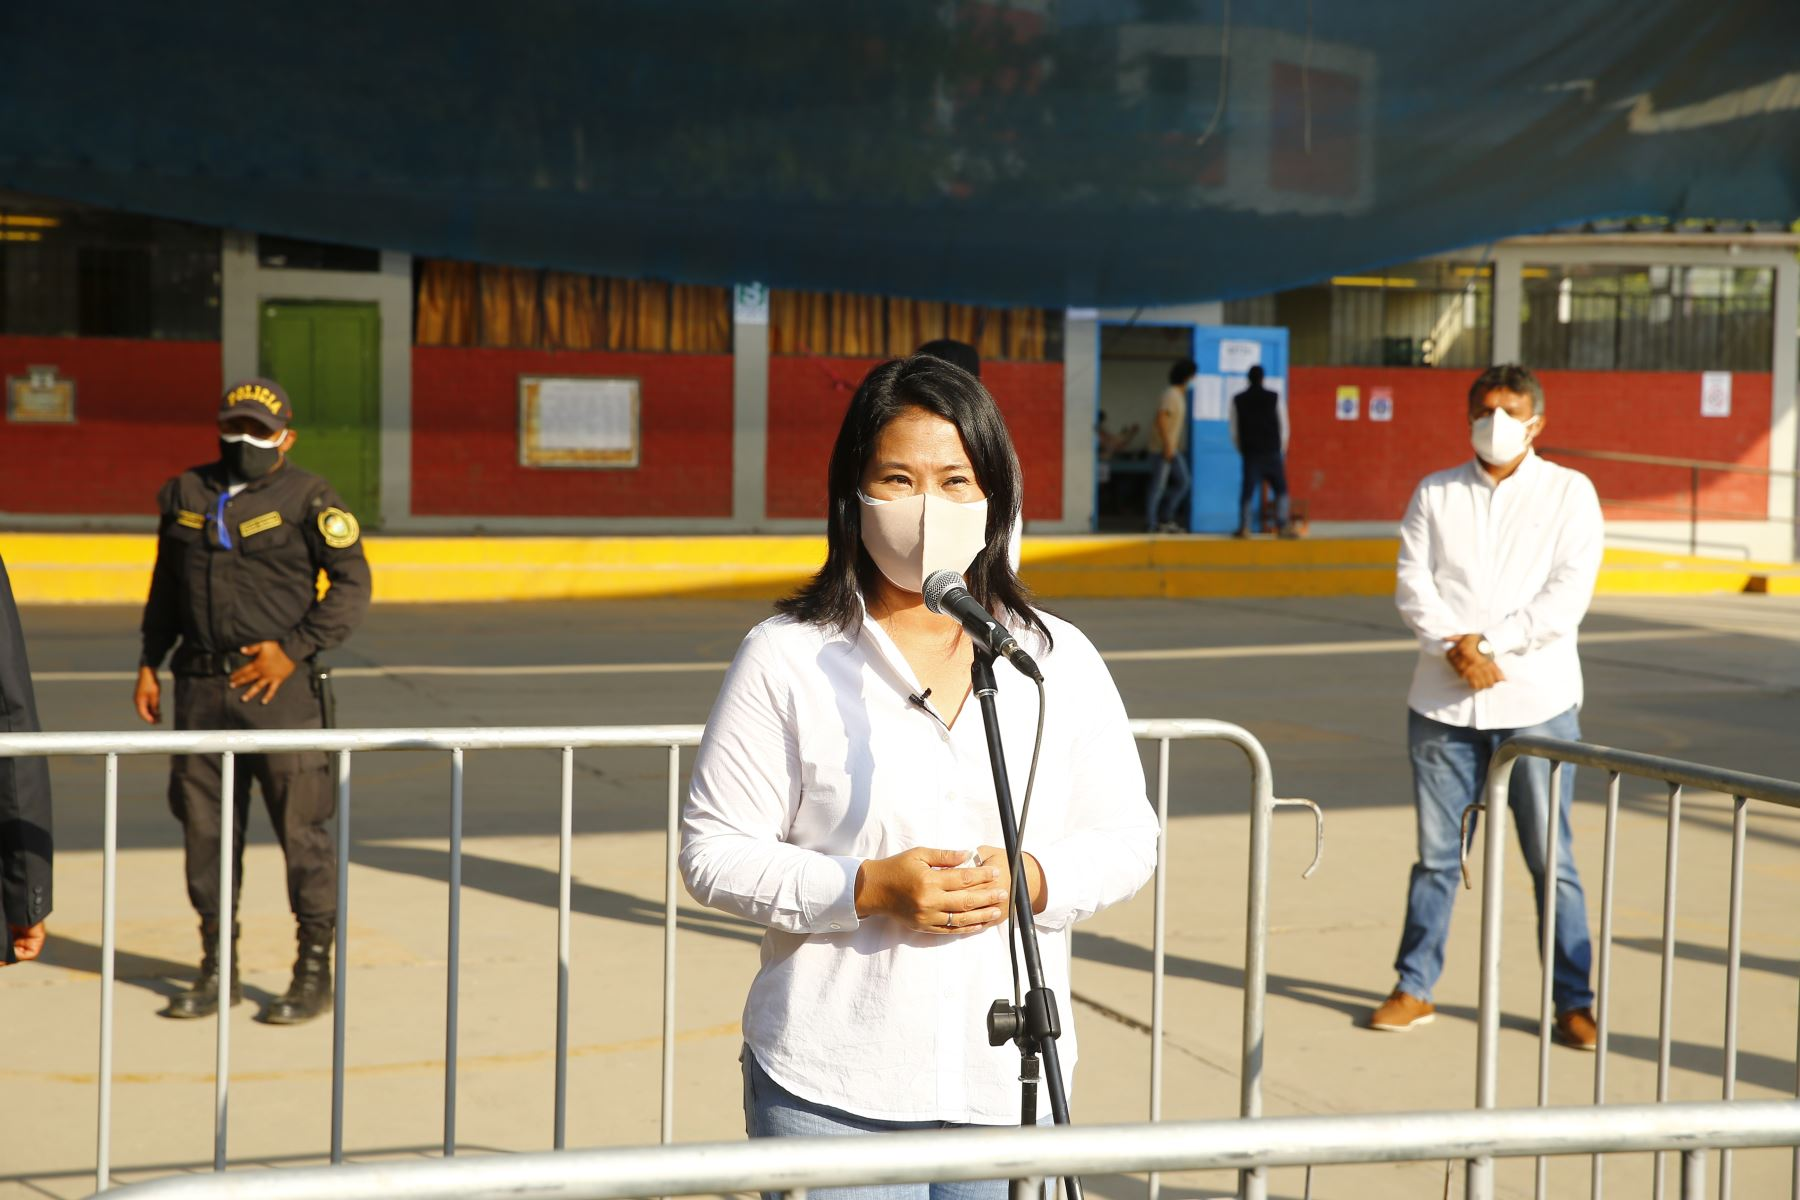 LIMA (PERÚ), 11/04/2021.- La  candidata presidencial de Fuerza  Popular,  Keiko Fujimori, emite su voto en la IE 7086 Los Precursores, en el distrito de Surco, durante la jornada de las Elecciones Generales 2021.  Foto: ANDINA/Andrés Valle